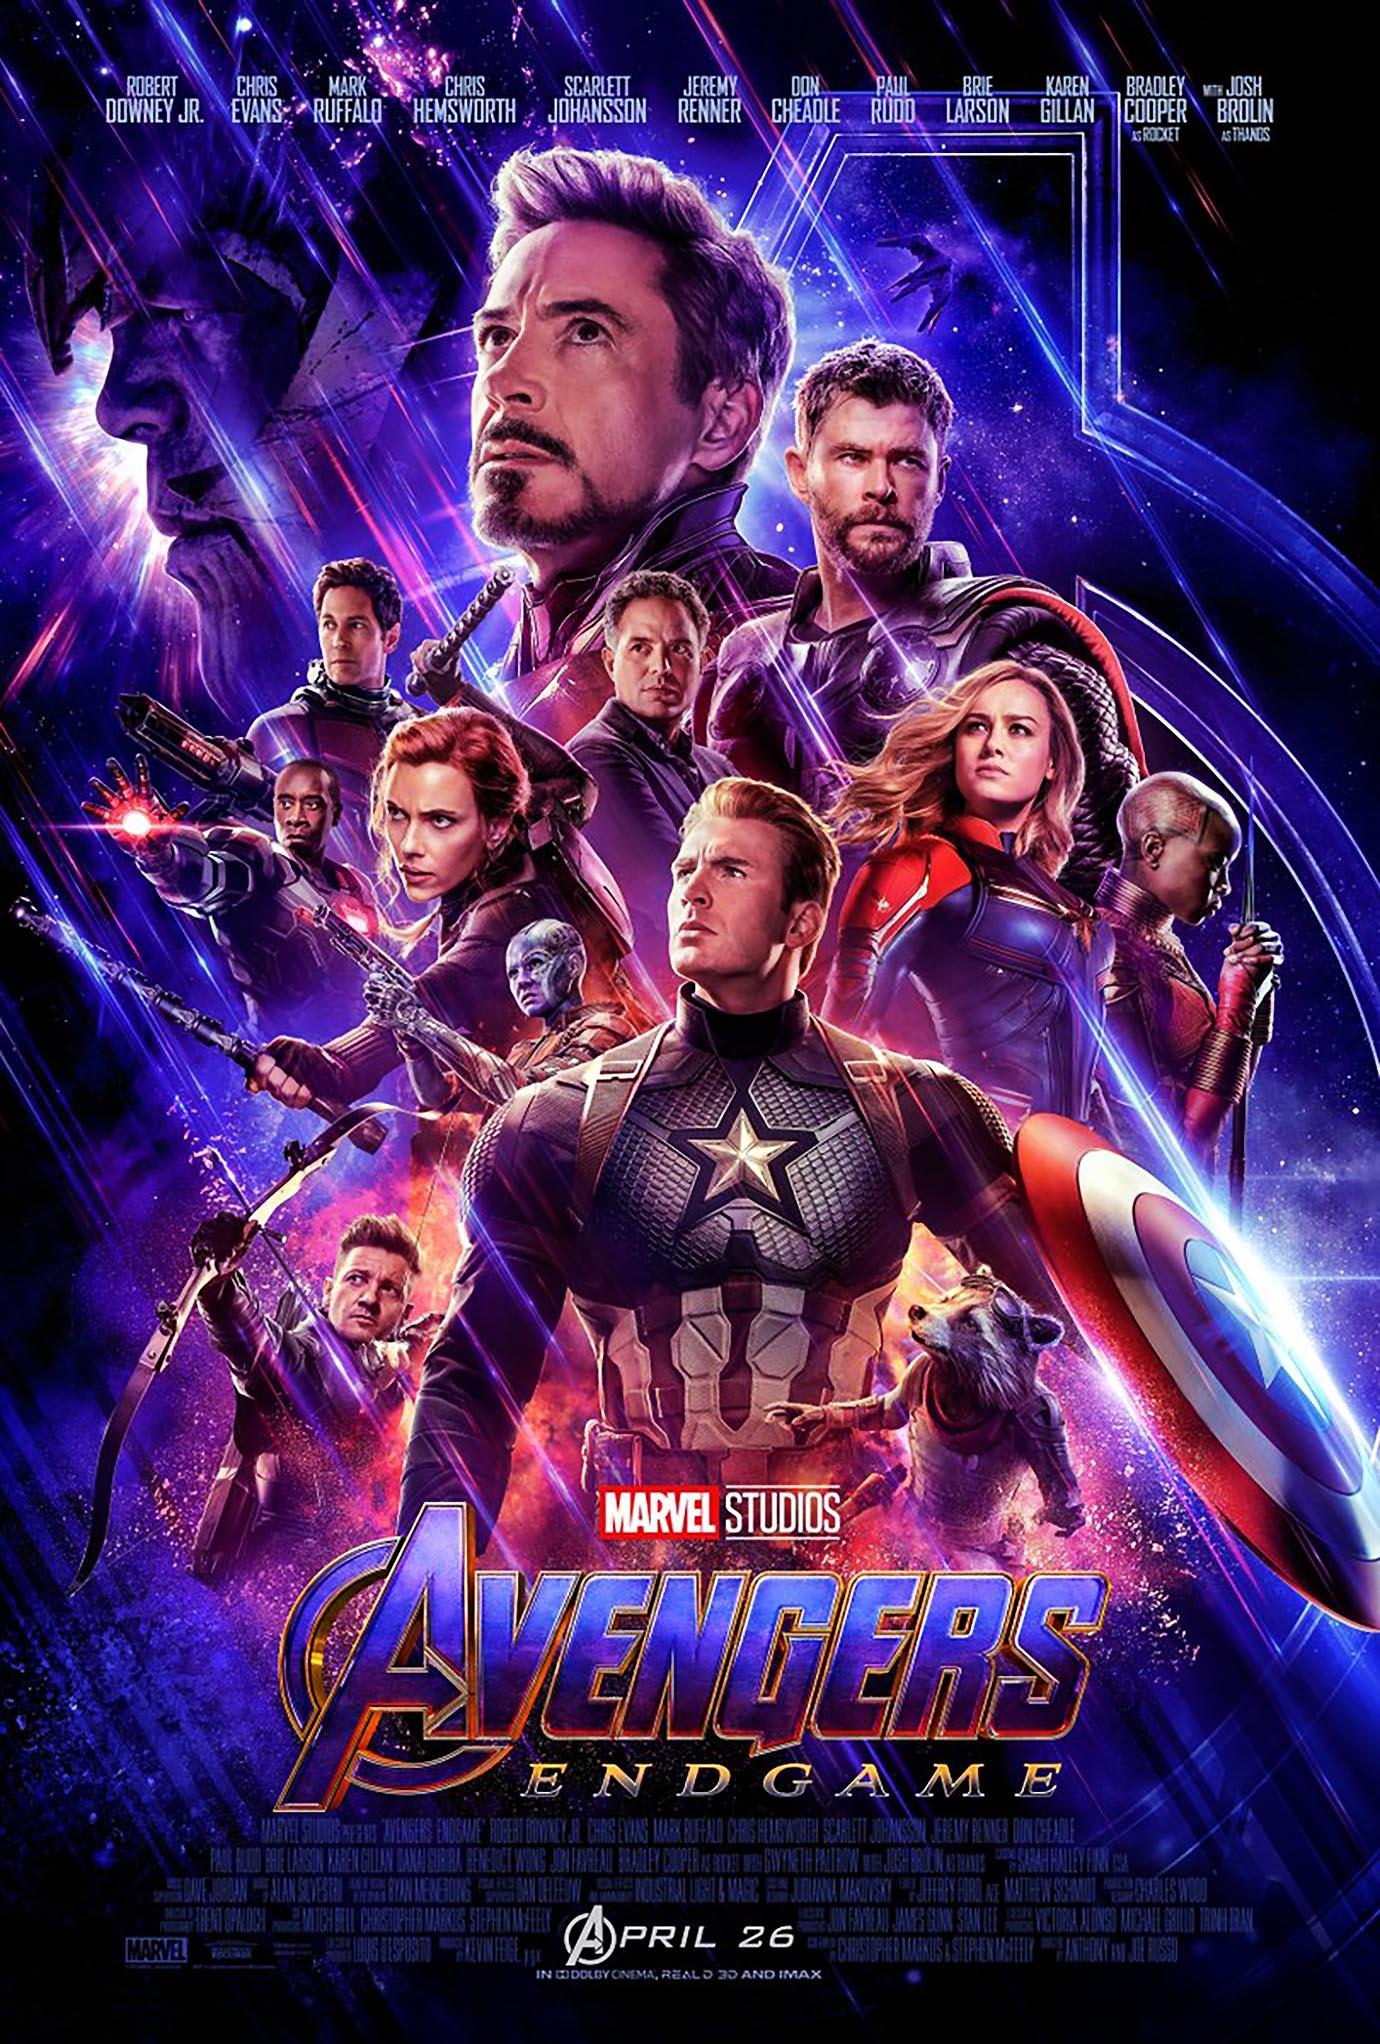 avengers-endgame-okoye-news